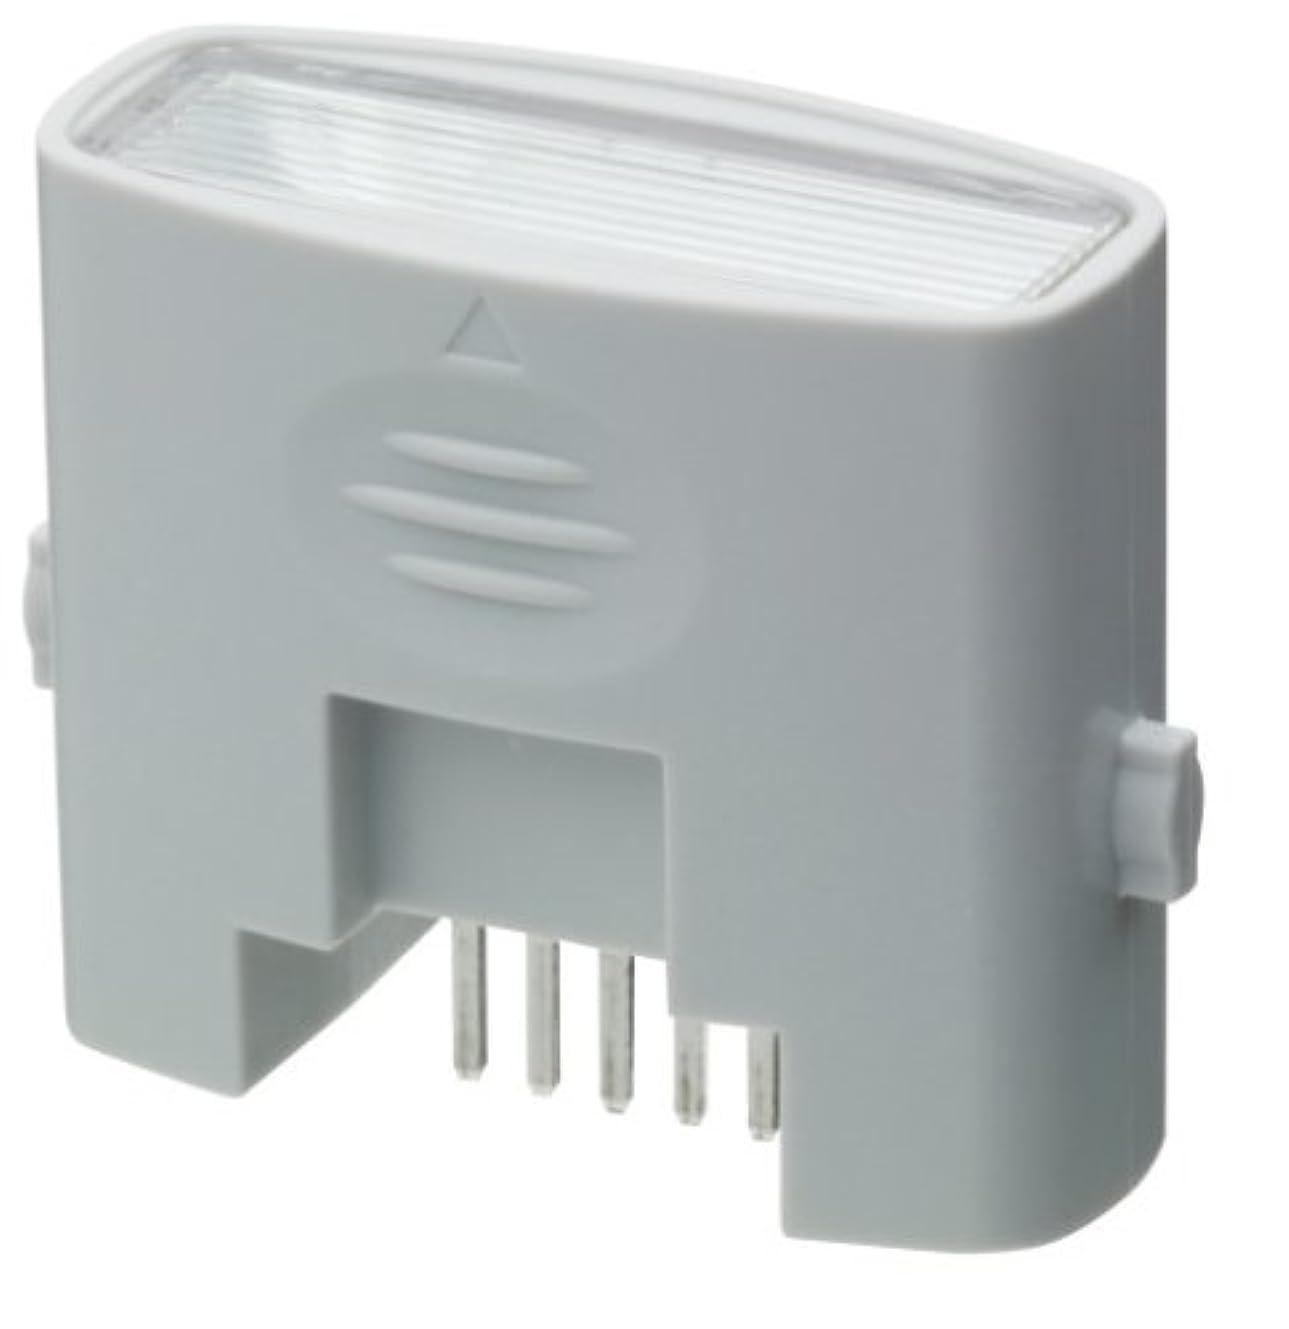 コック賄賂安らぎPanasonic 光エステ 交換用ランプカートリッジ ES-2W11